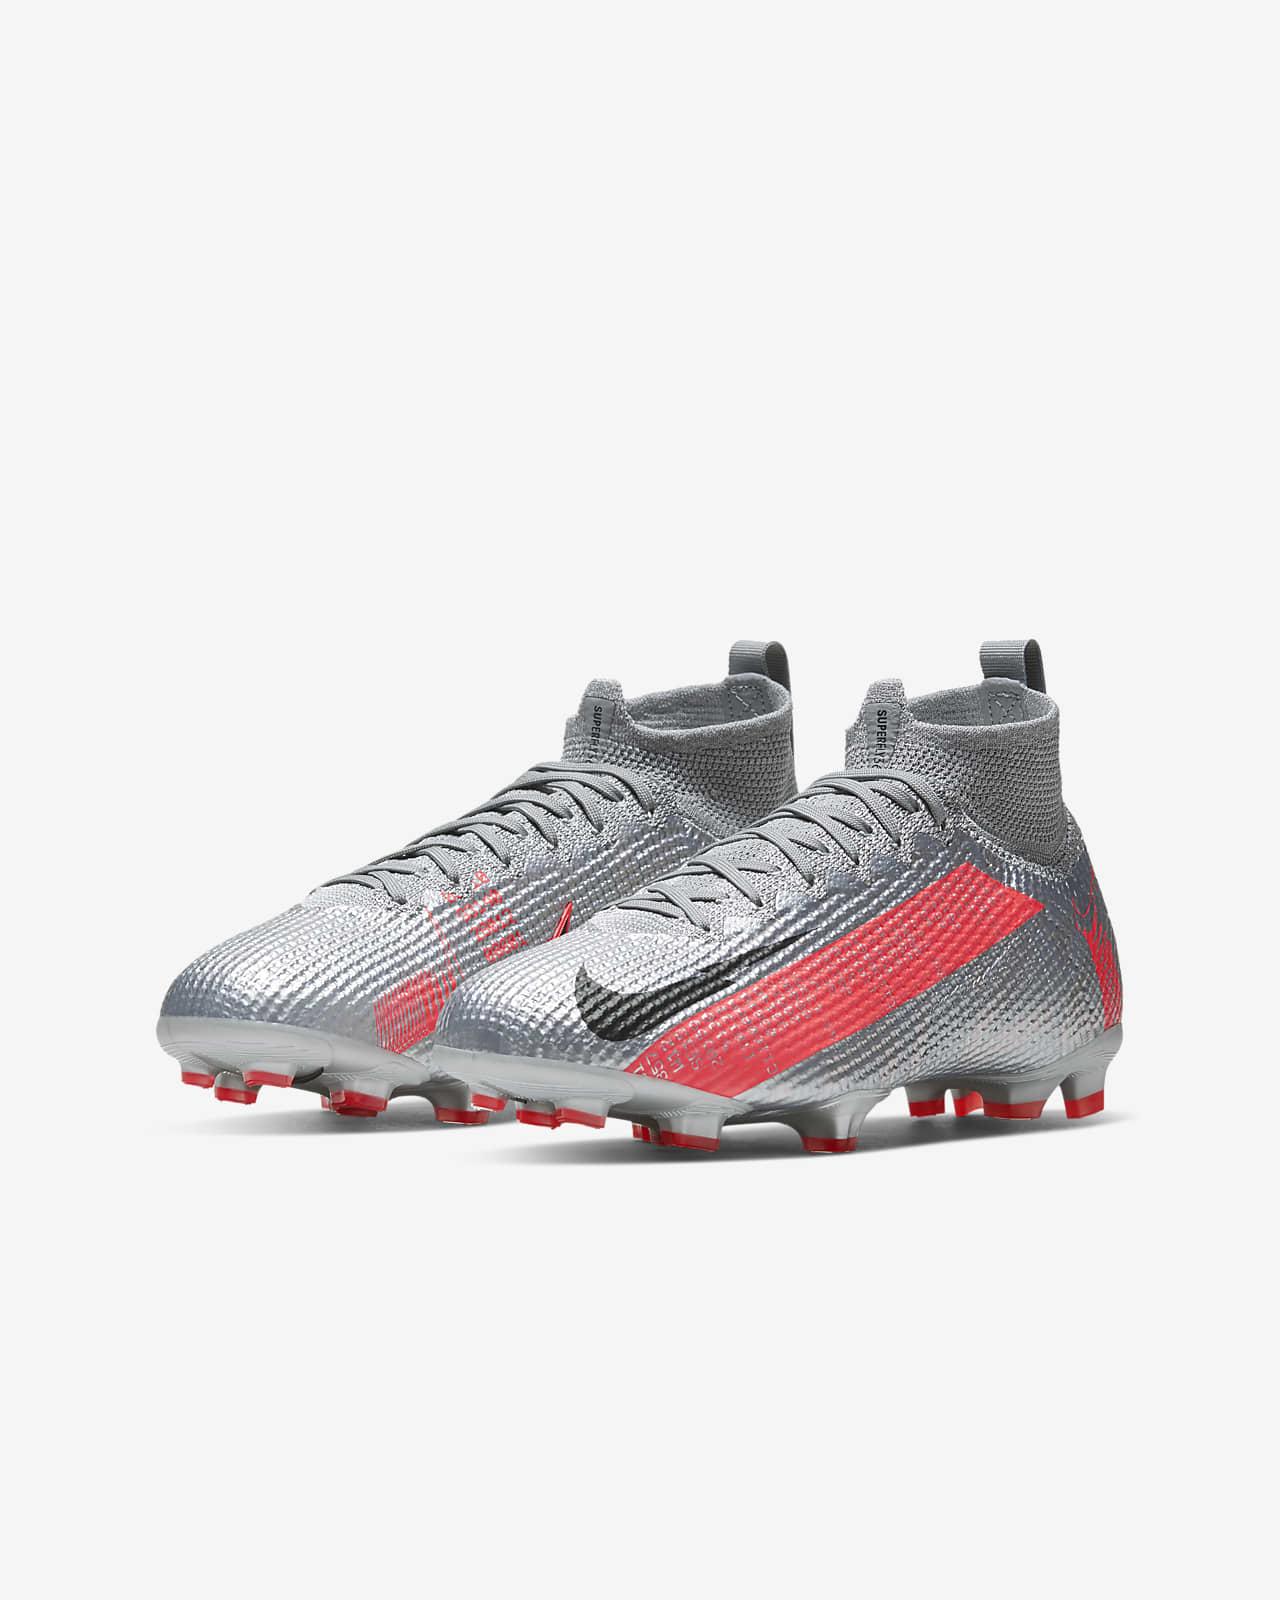 Børn Tilbud Fodbold Sko. Nike DK